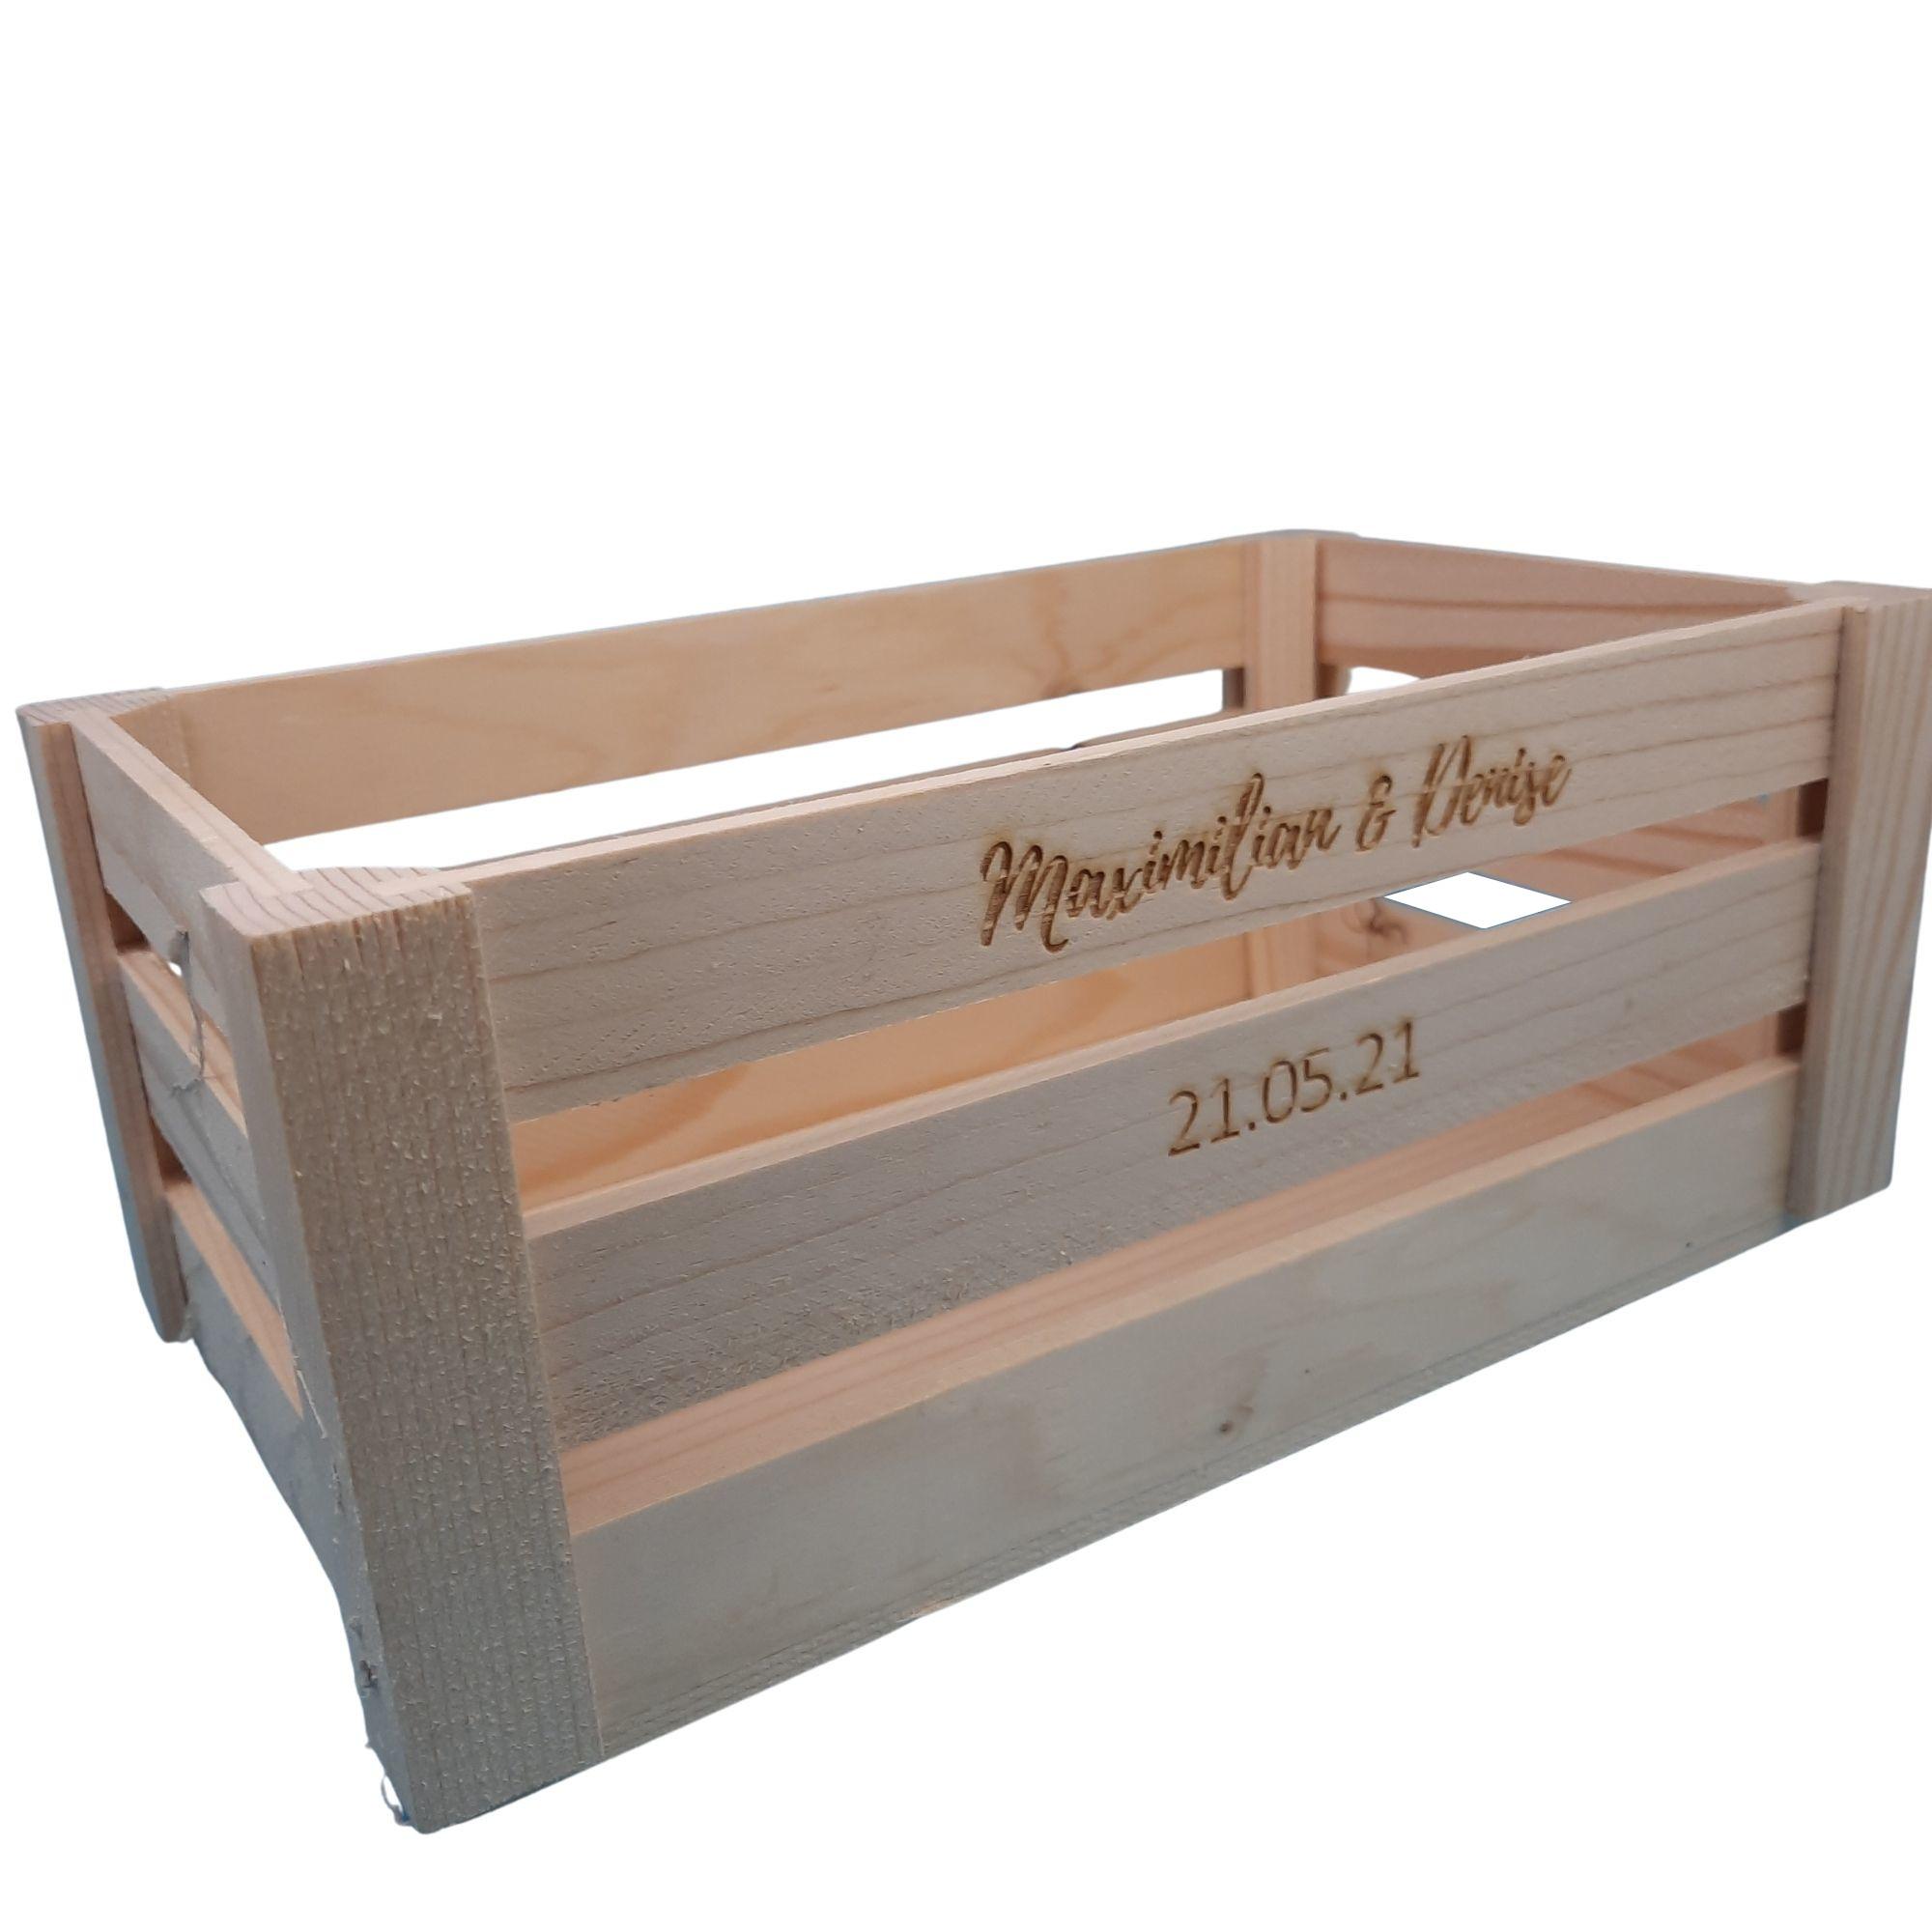 Holzbox Holzkiste Obstkiste Steige Weinkiste mit Gravur